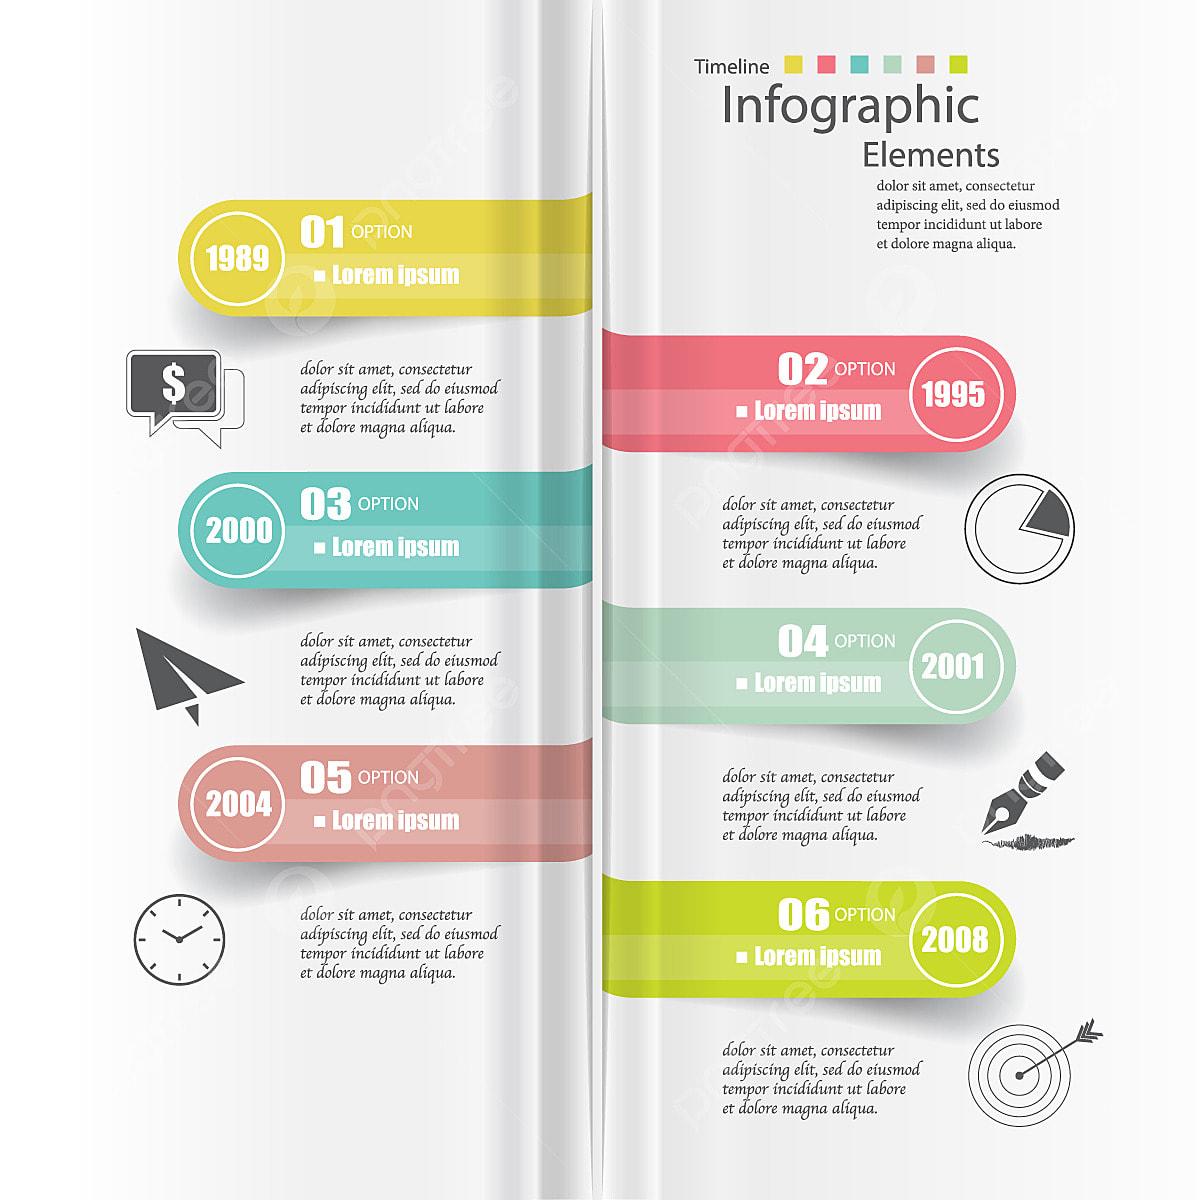 chronologie infographic mod u00e8les r u00e9sum u00e9 vecteur abstrait ad